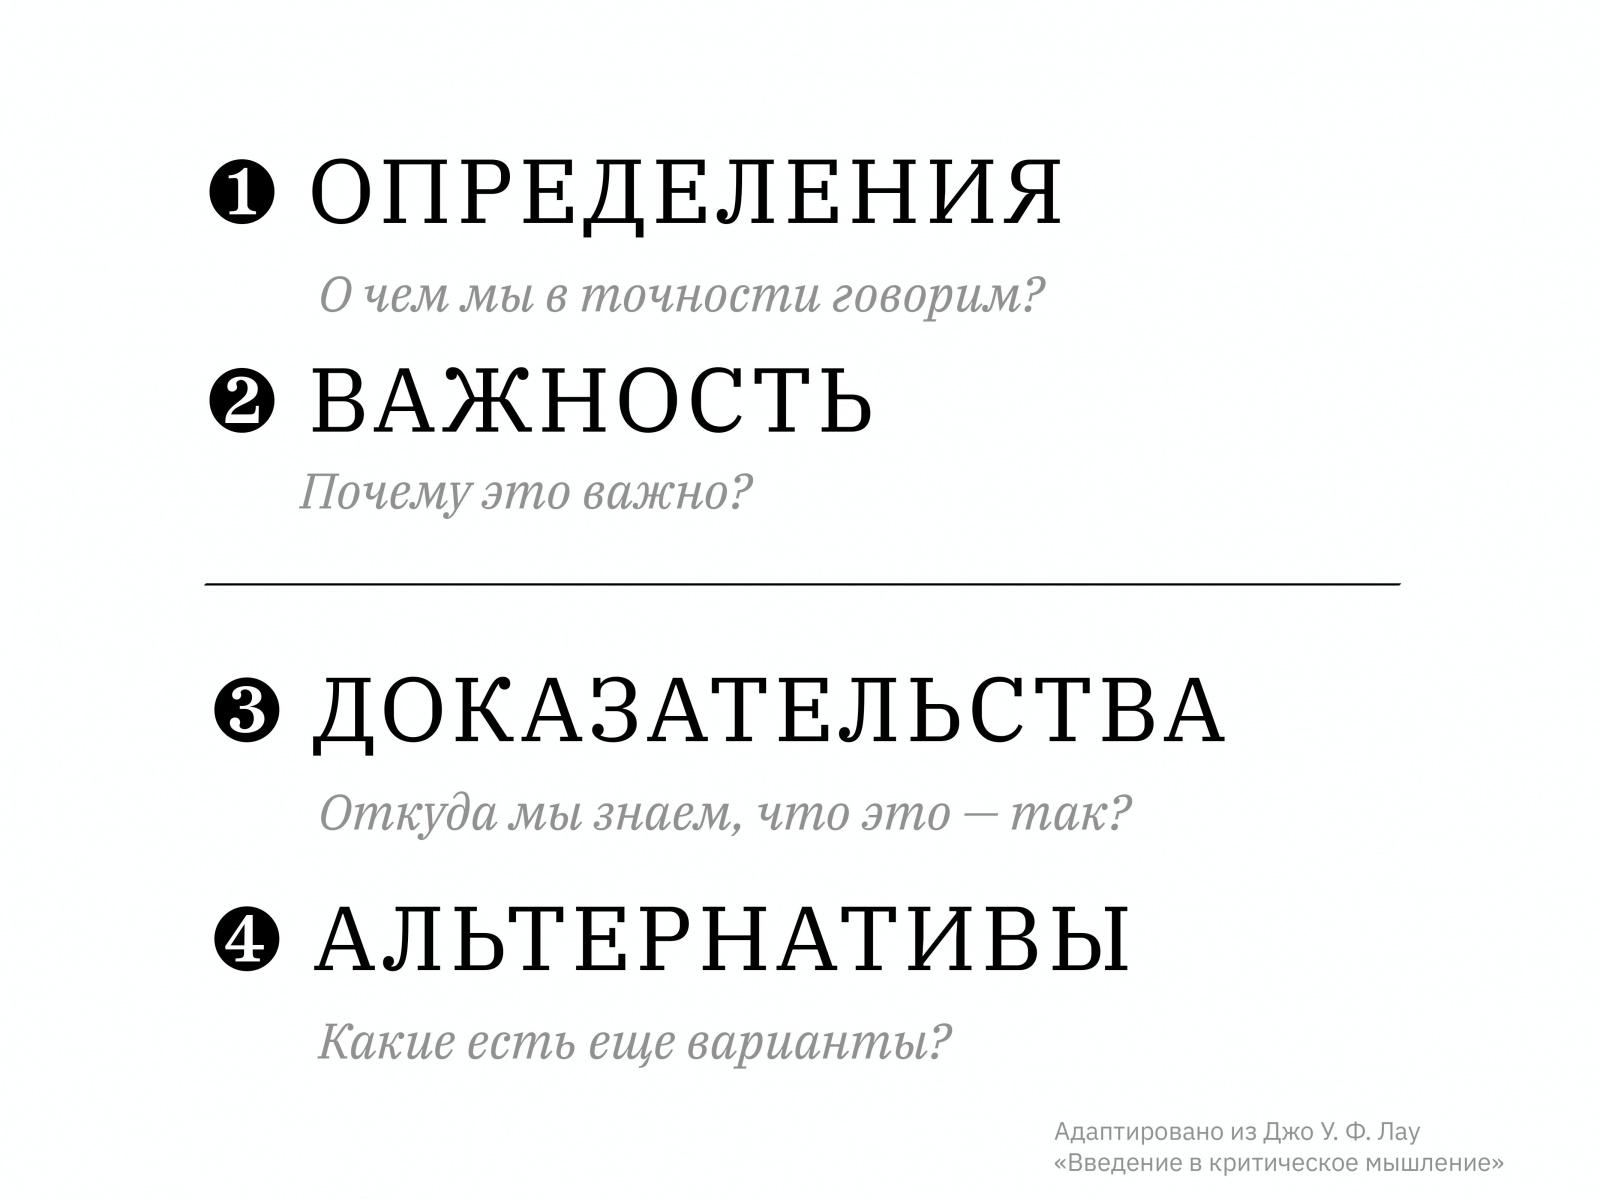 Алексей Каптерев: Критическое мышление 101 (часть 2) - 2